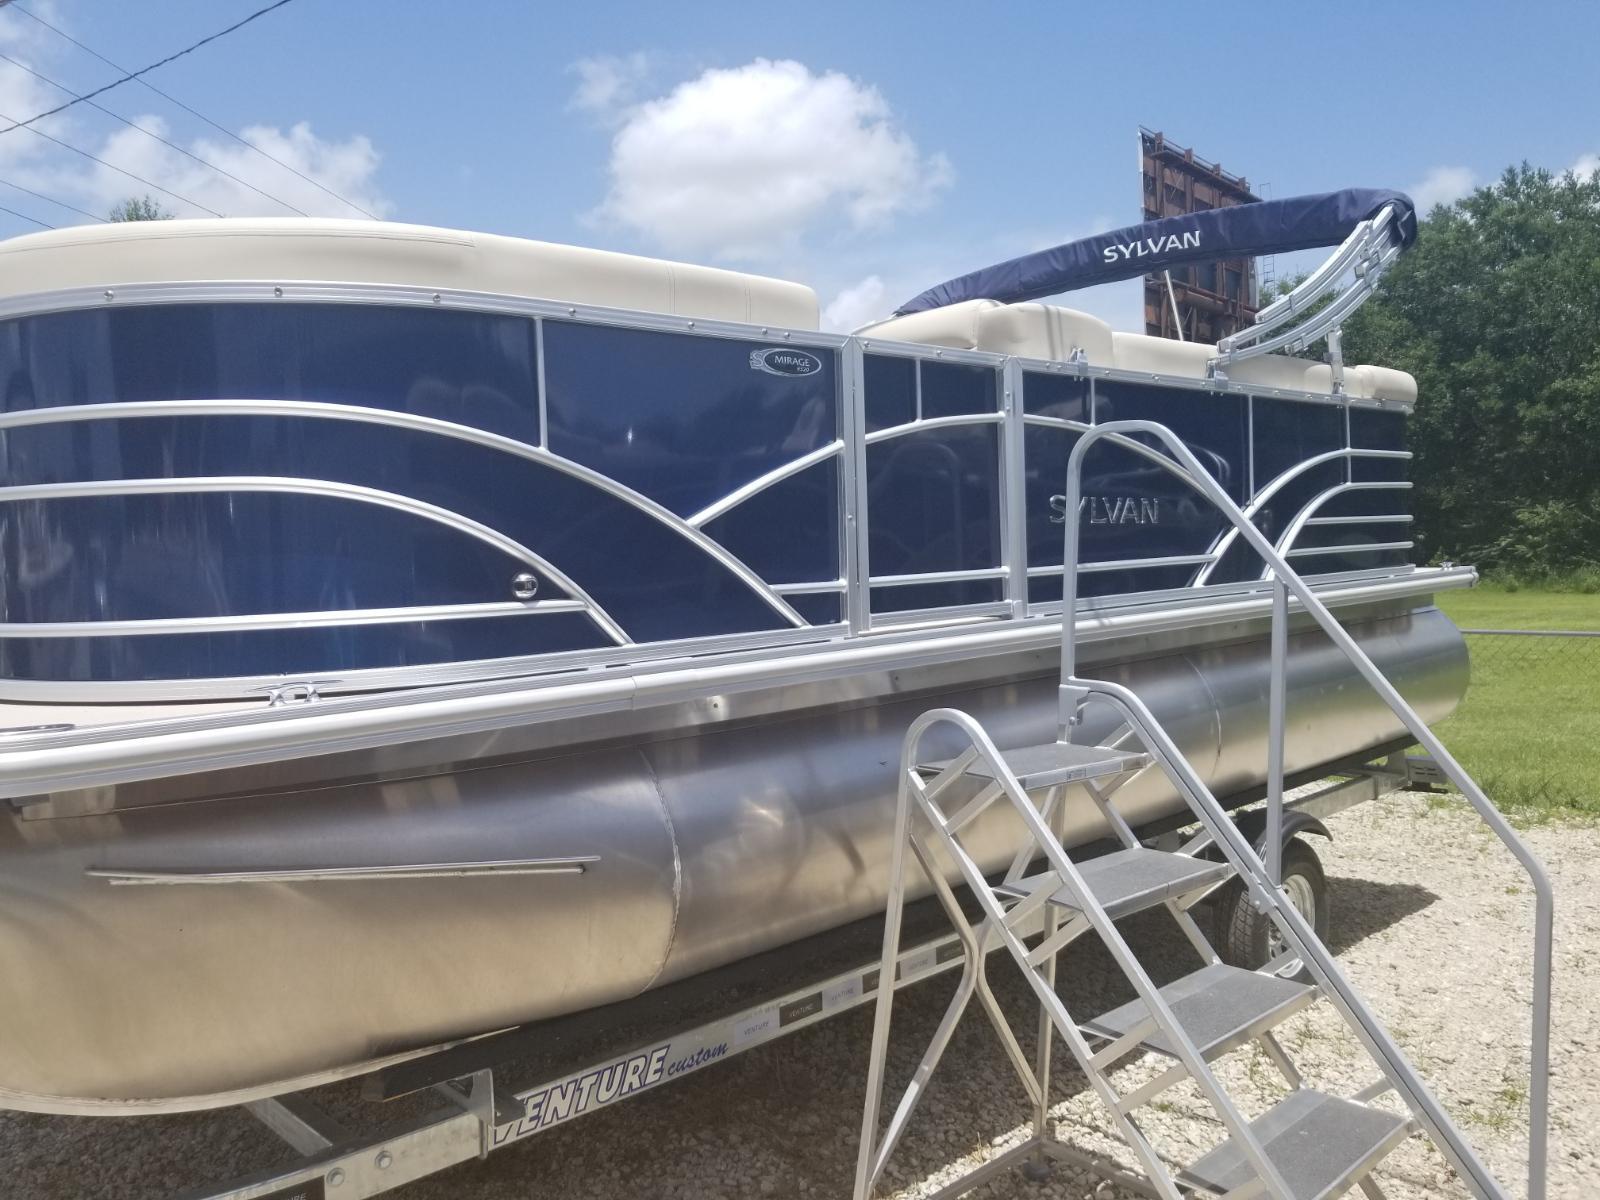 Sylvan Mirage Cruise 8520 Cruise